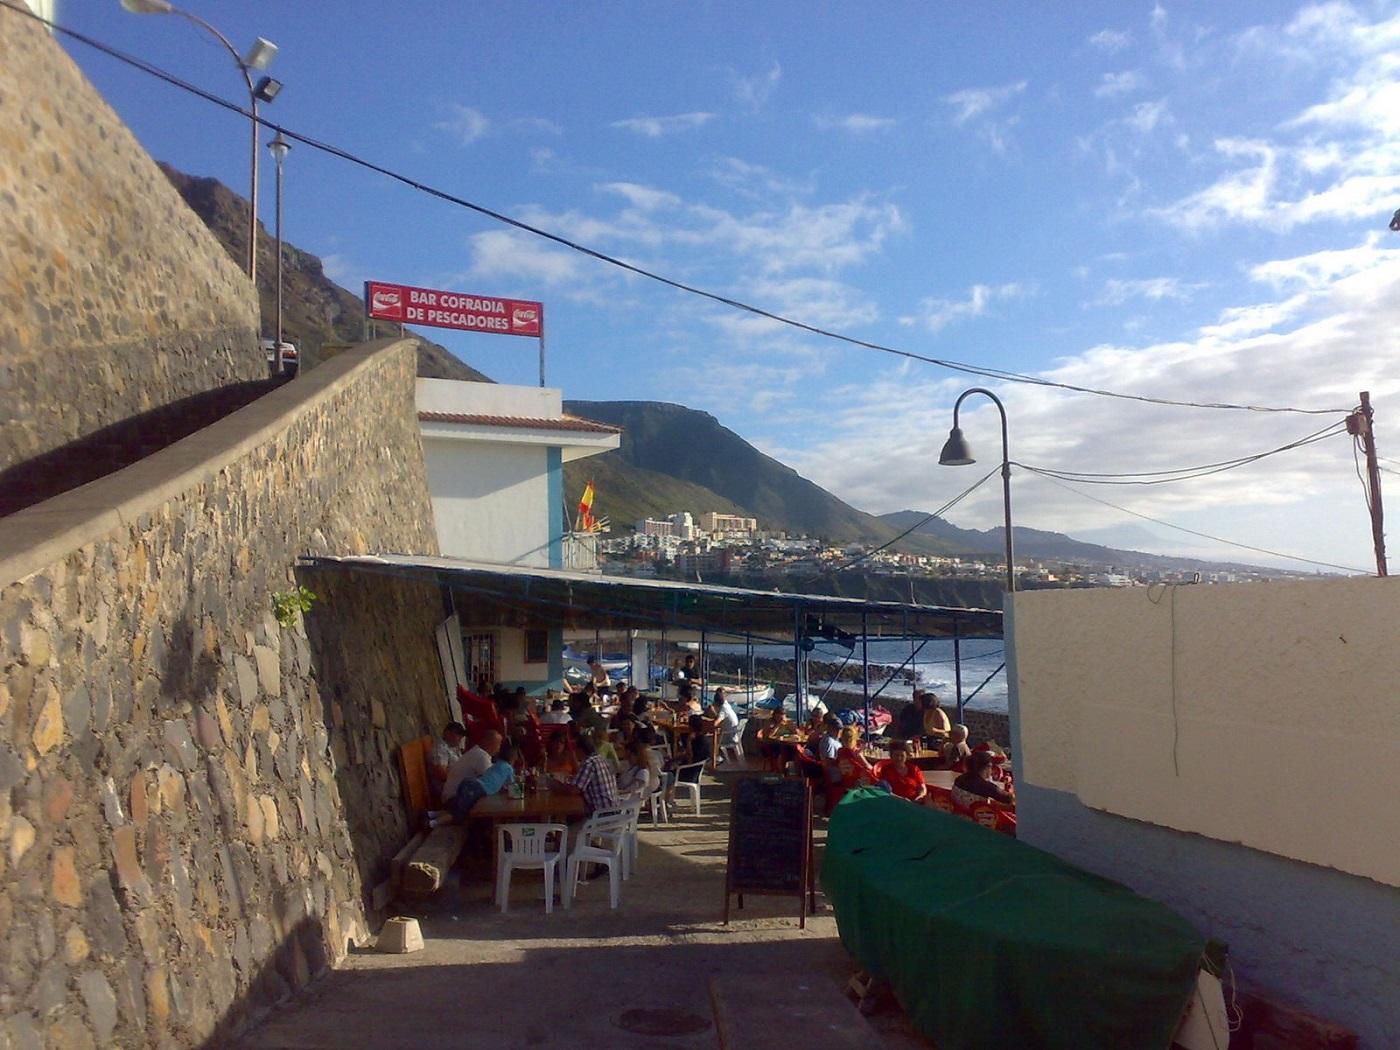 Restorany-na-Tenerife-Cofrad-a-de-Pescadores-de-Punta-del-Hidalgo